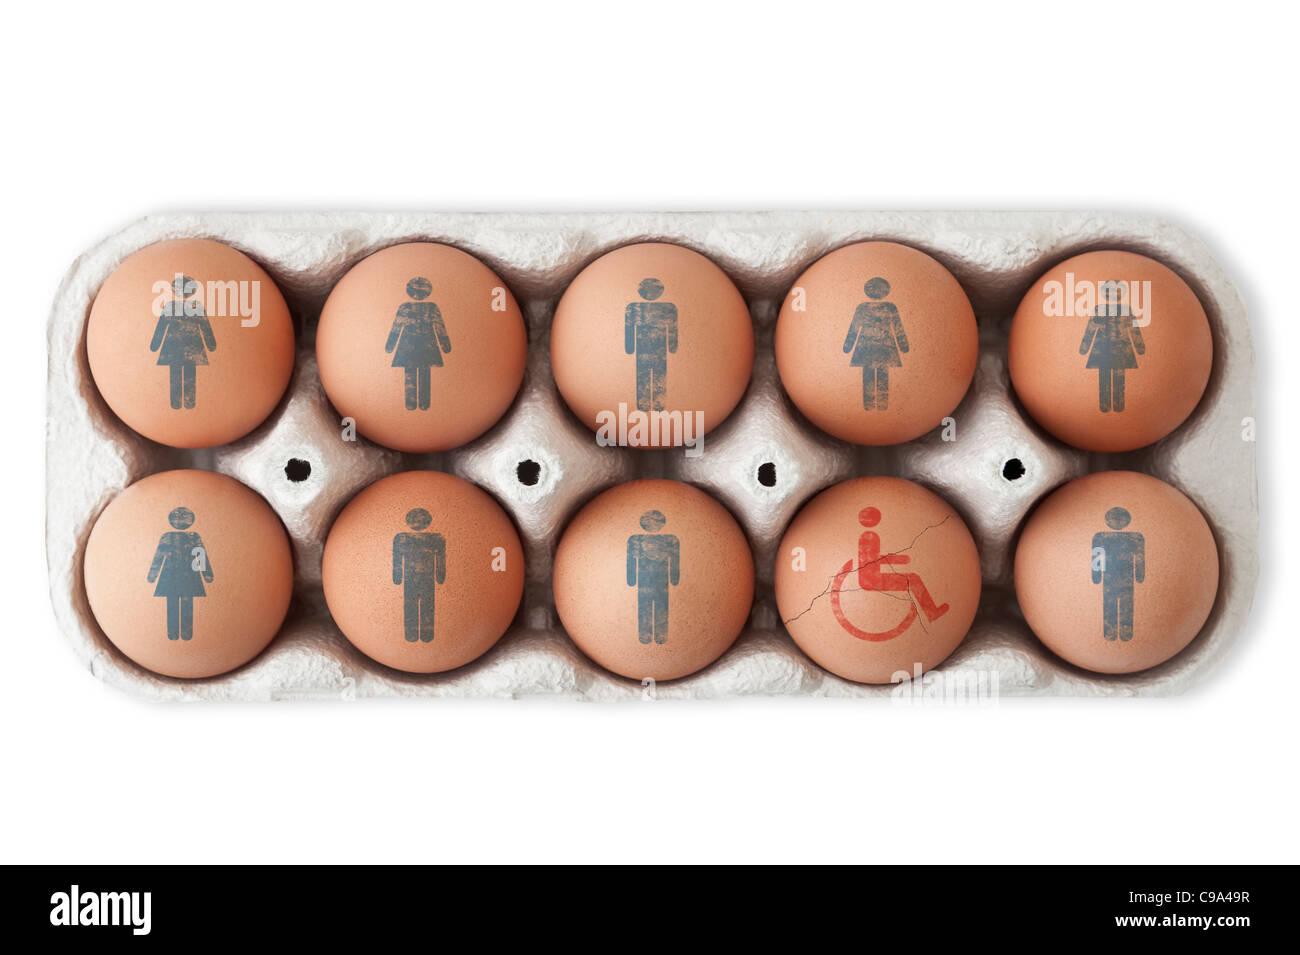 Caja de huevos. Símbolos masculinos y femeninos en nueve de ellos y un huevo agrietado con un símbolo para discapacitados. Fondo blanco, cuarteado Foto de stock